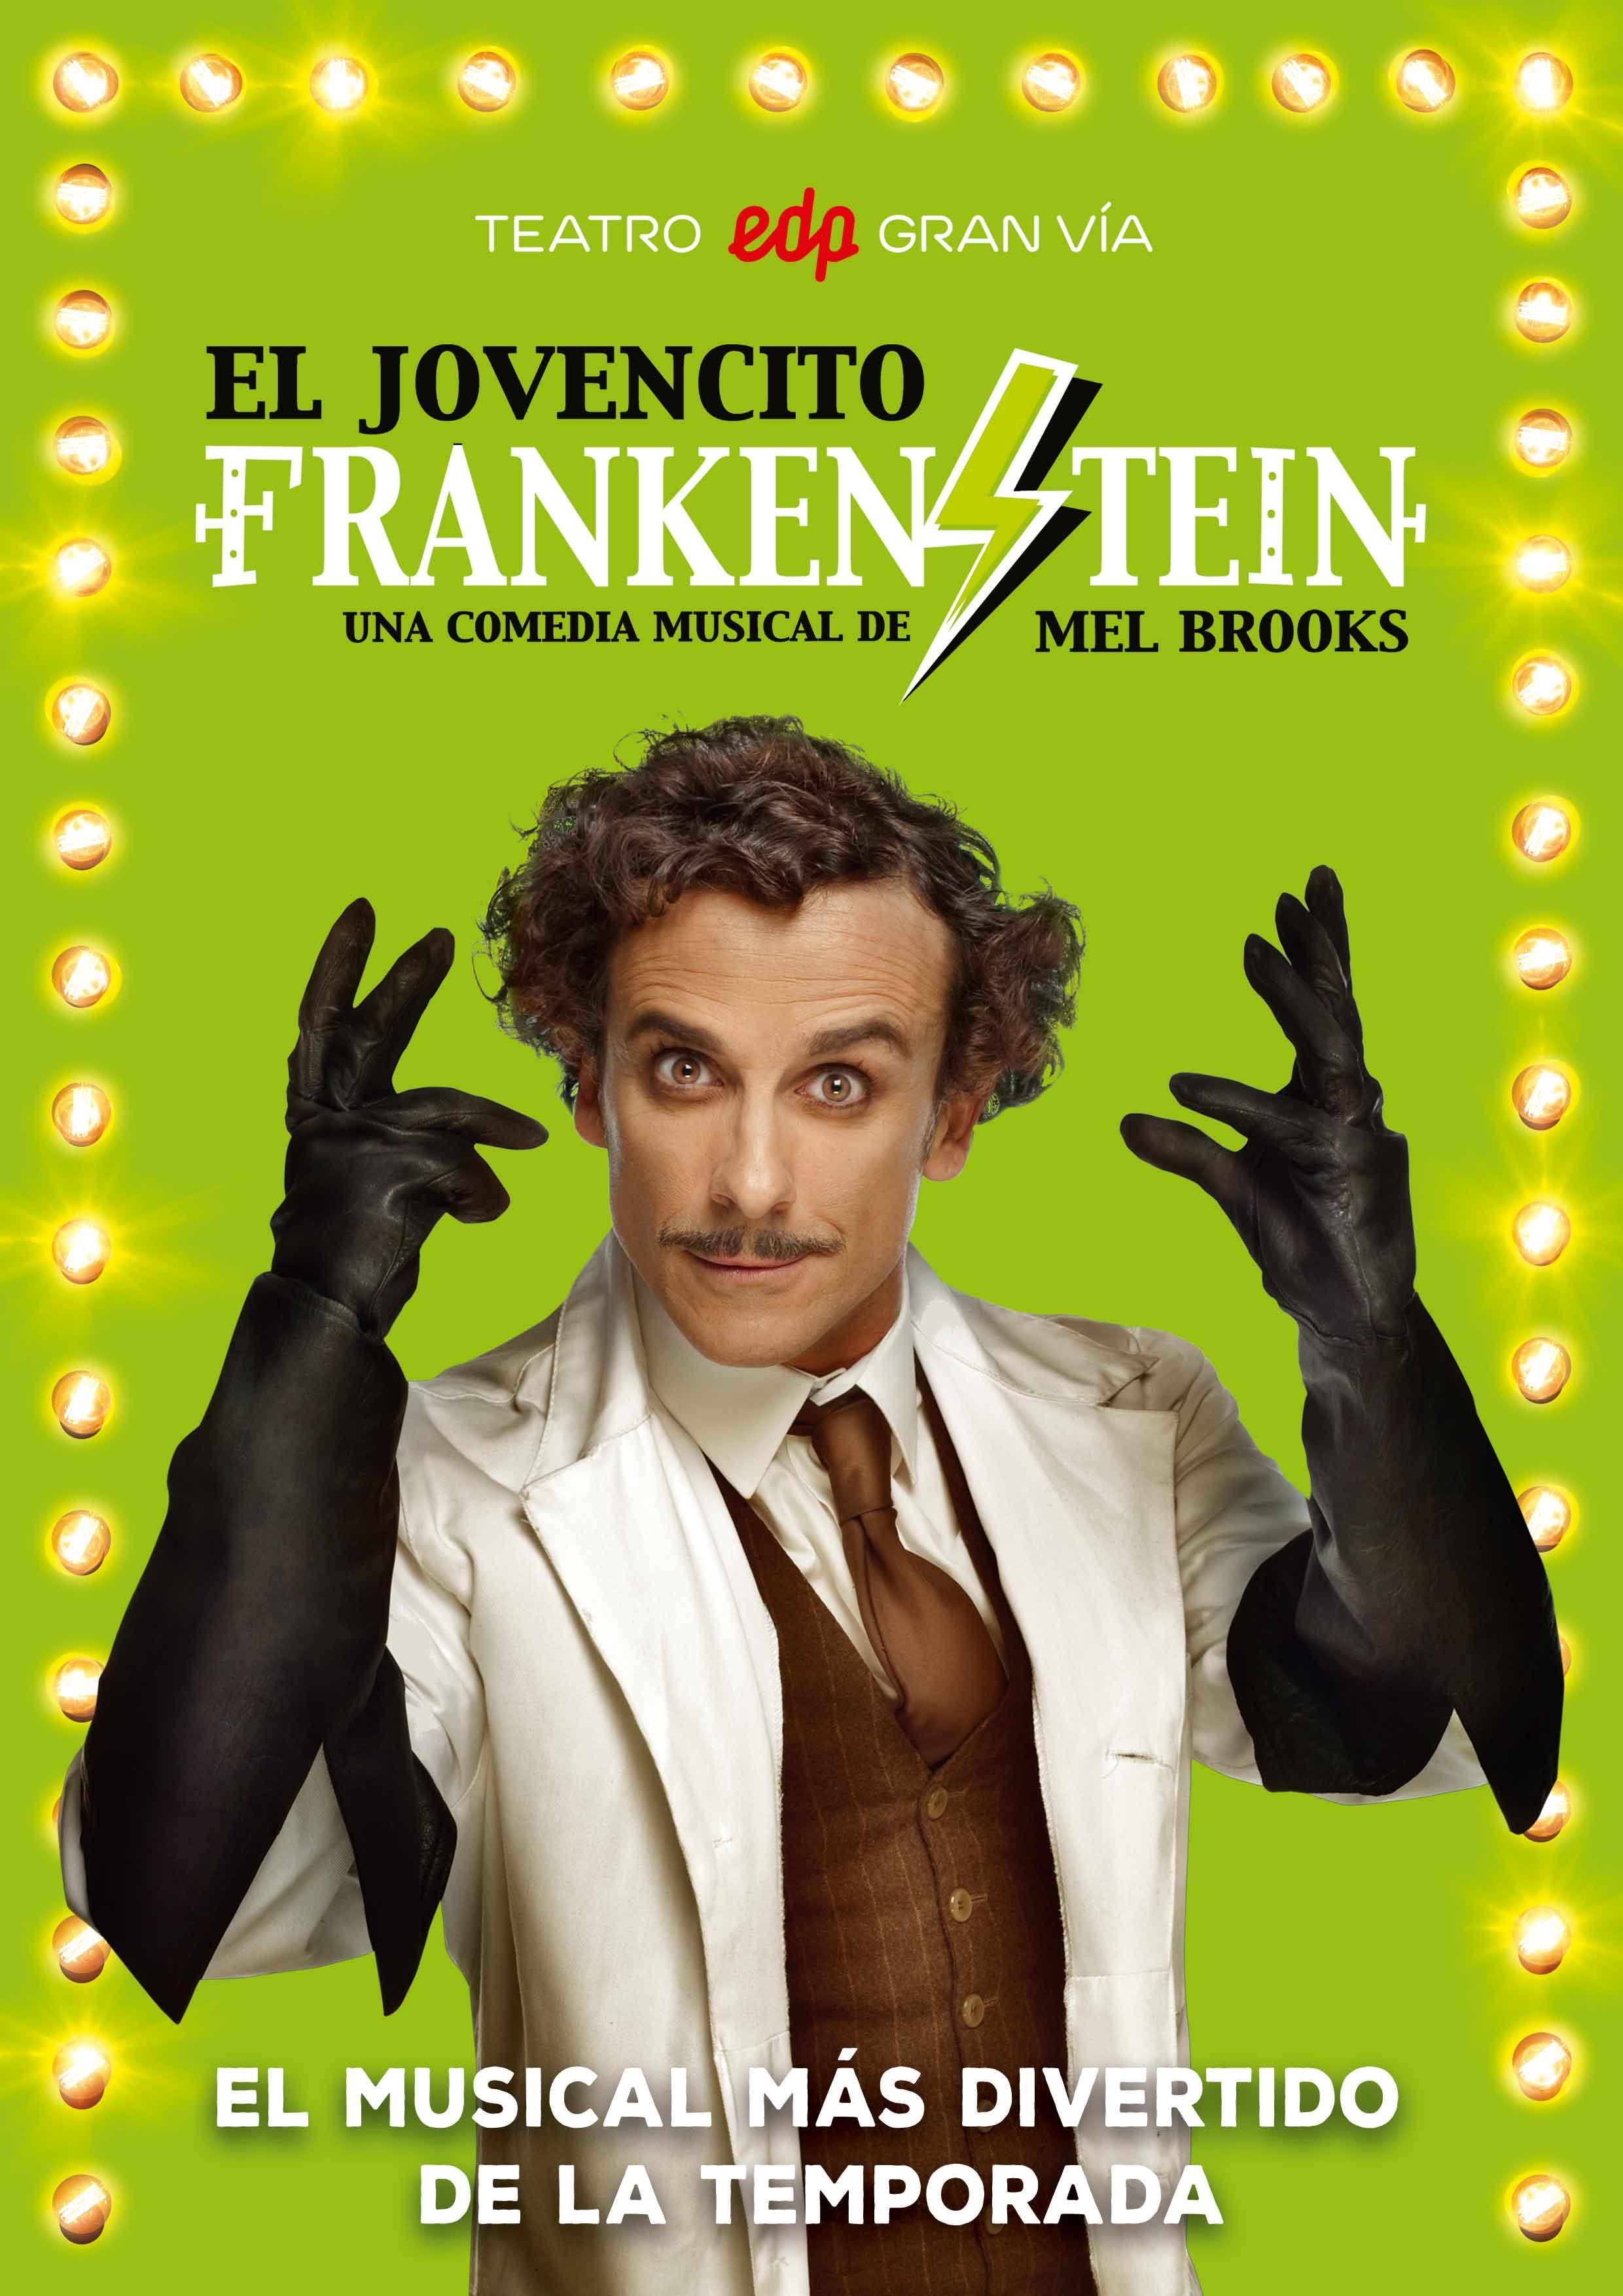 df22847880a40 El Jovencito Frankenstein en el Teatro EDP Gran Vía.